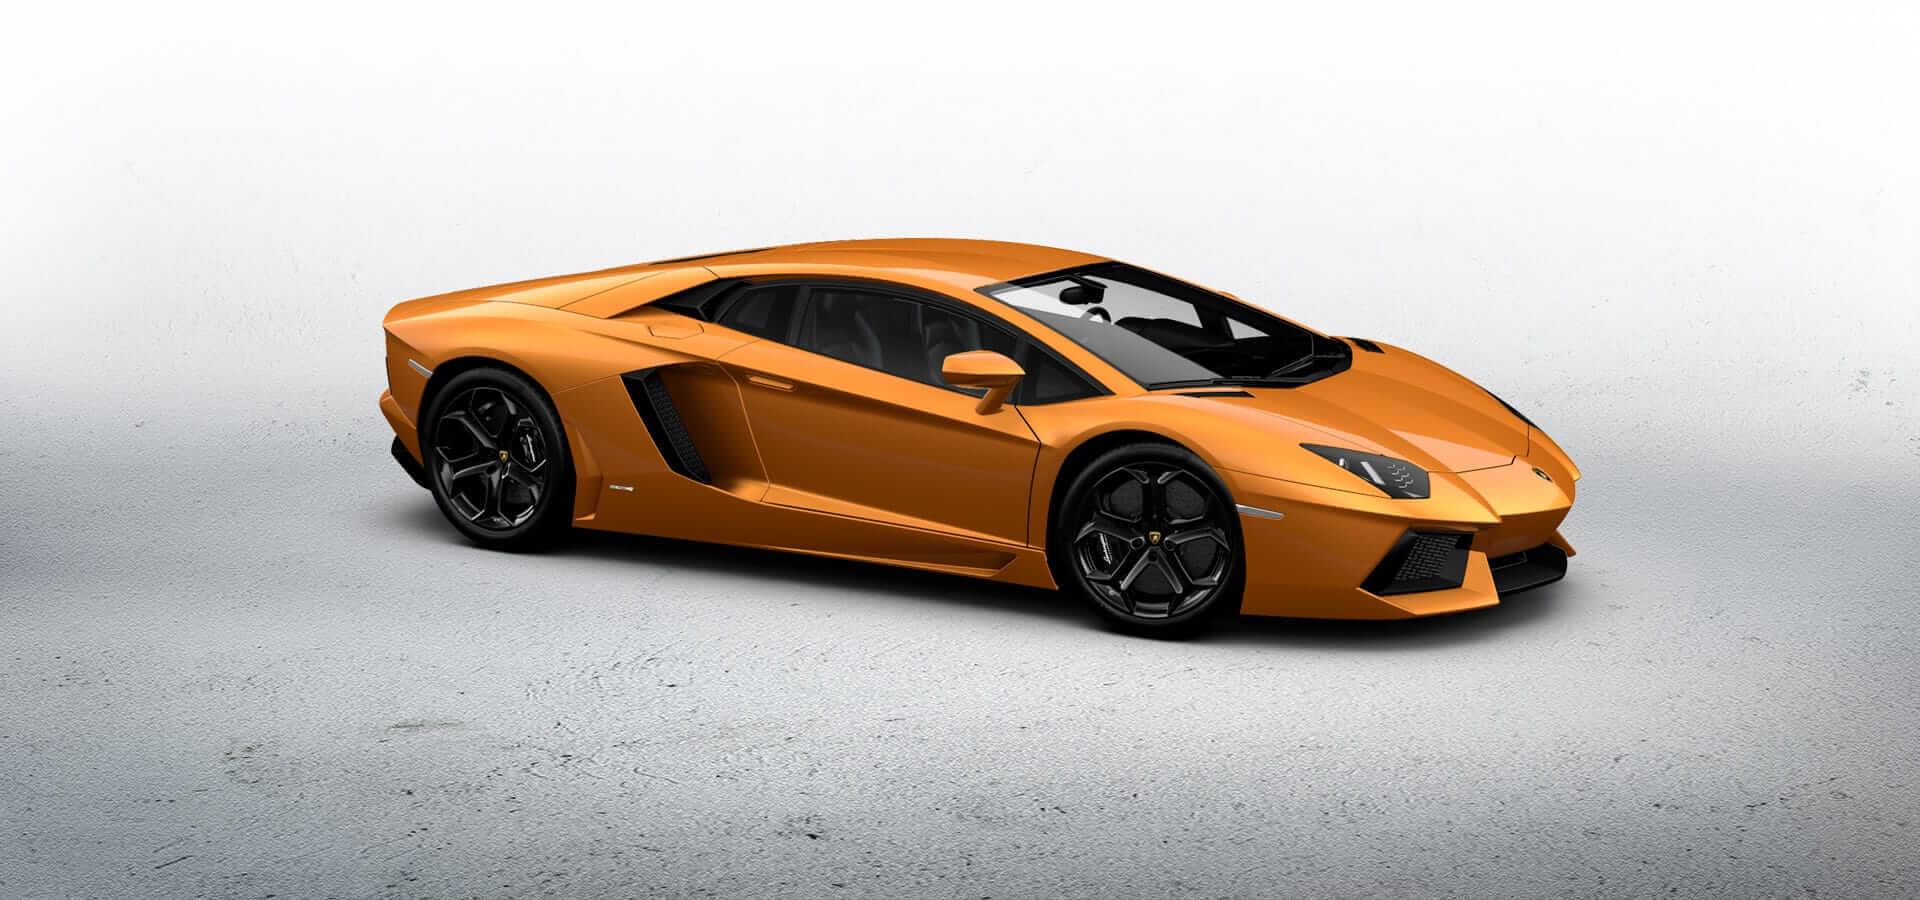 Sản xuất chế tạo siêu xe Lamborghini Aventador 6